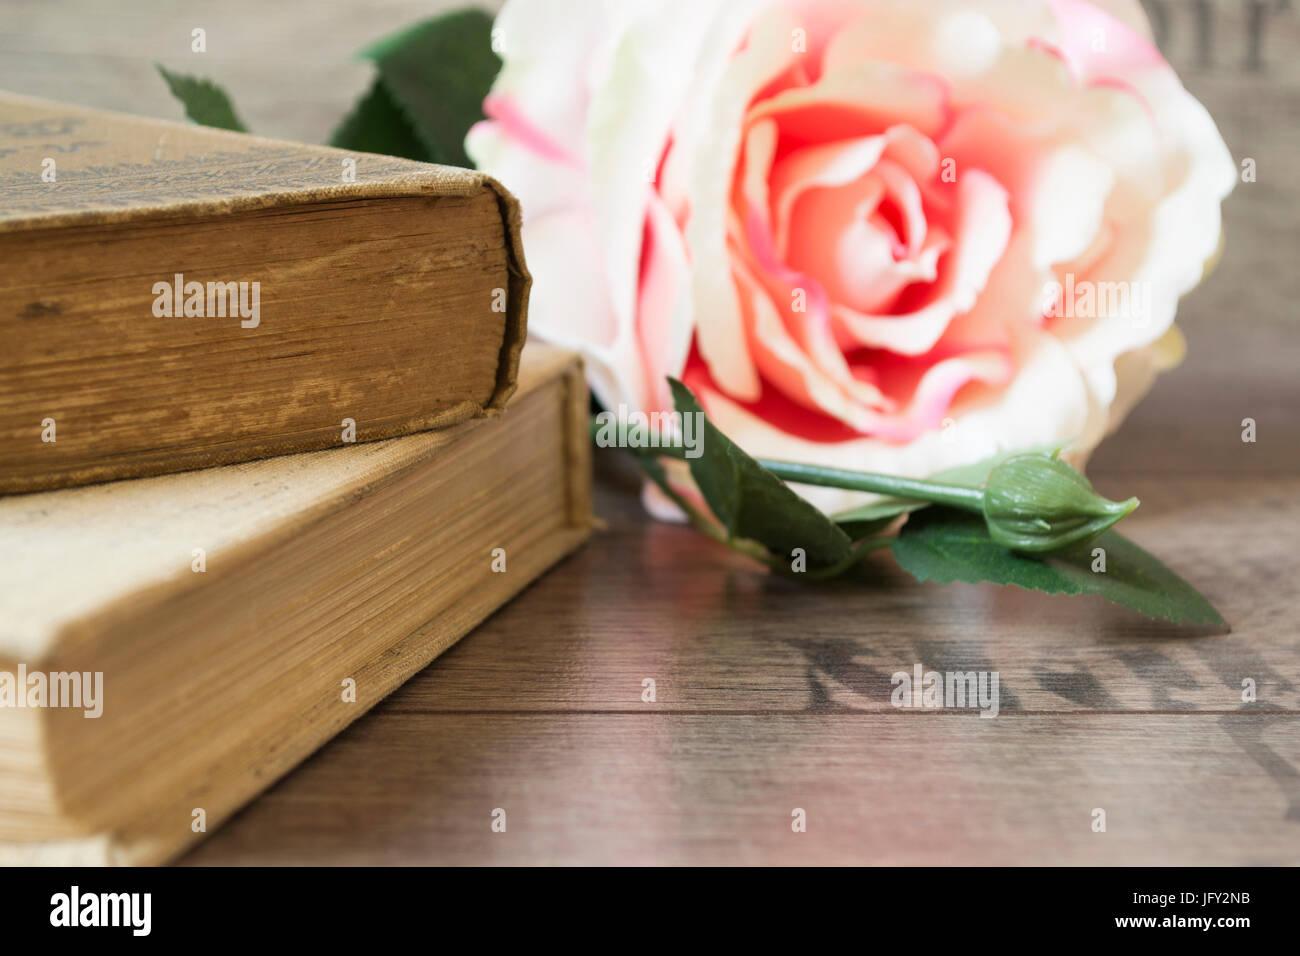 Libri Antichi E Fiore Sorse Su Un Sfondo Di Legno Romantica Cornice